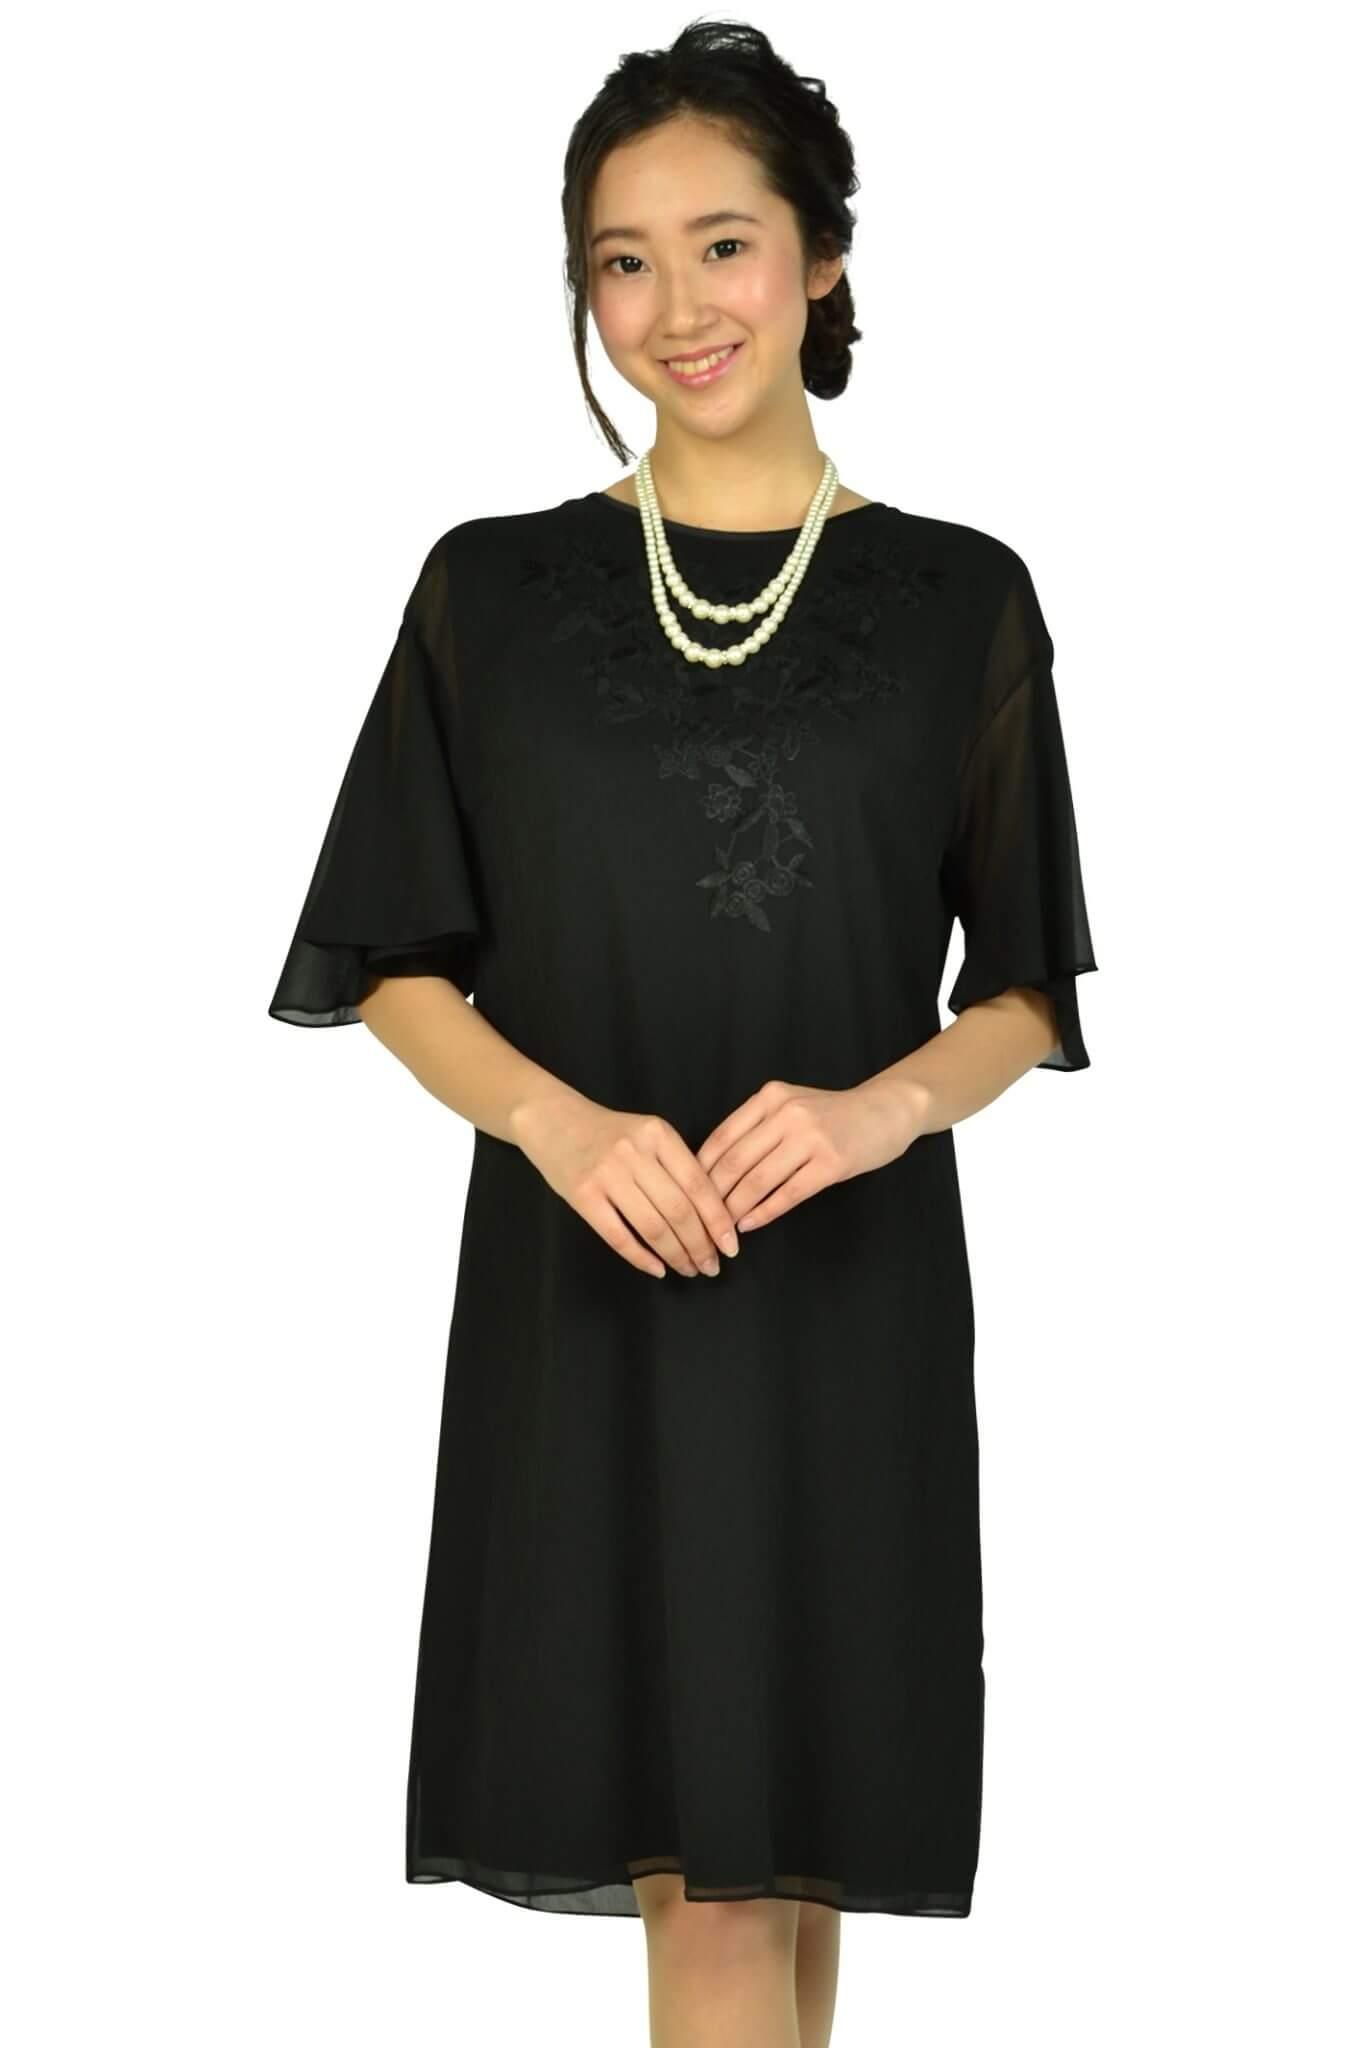 アマカ (AMACA)フレア袖花柄刺繍ブラックドレス